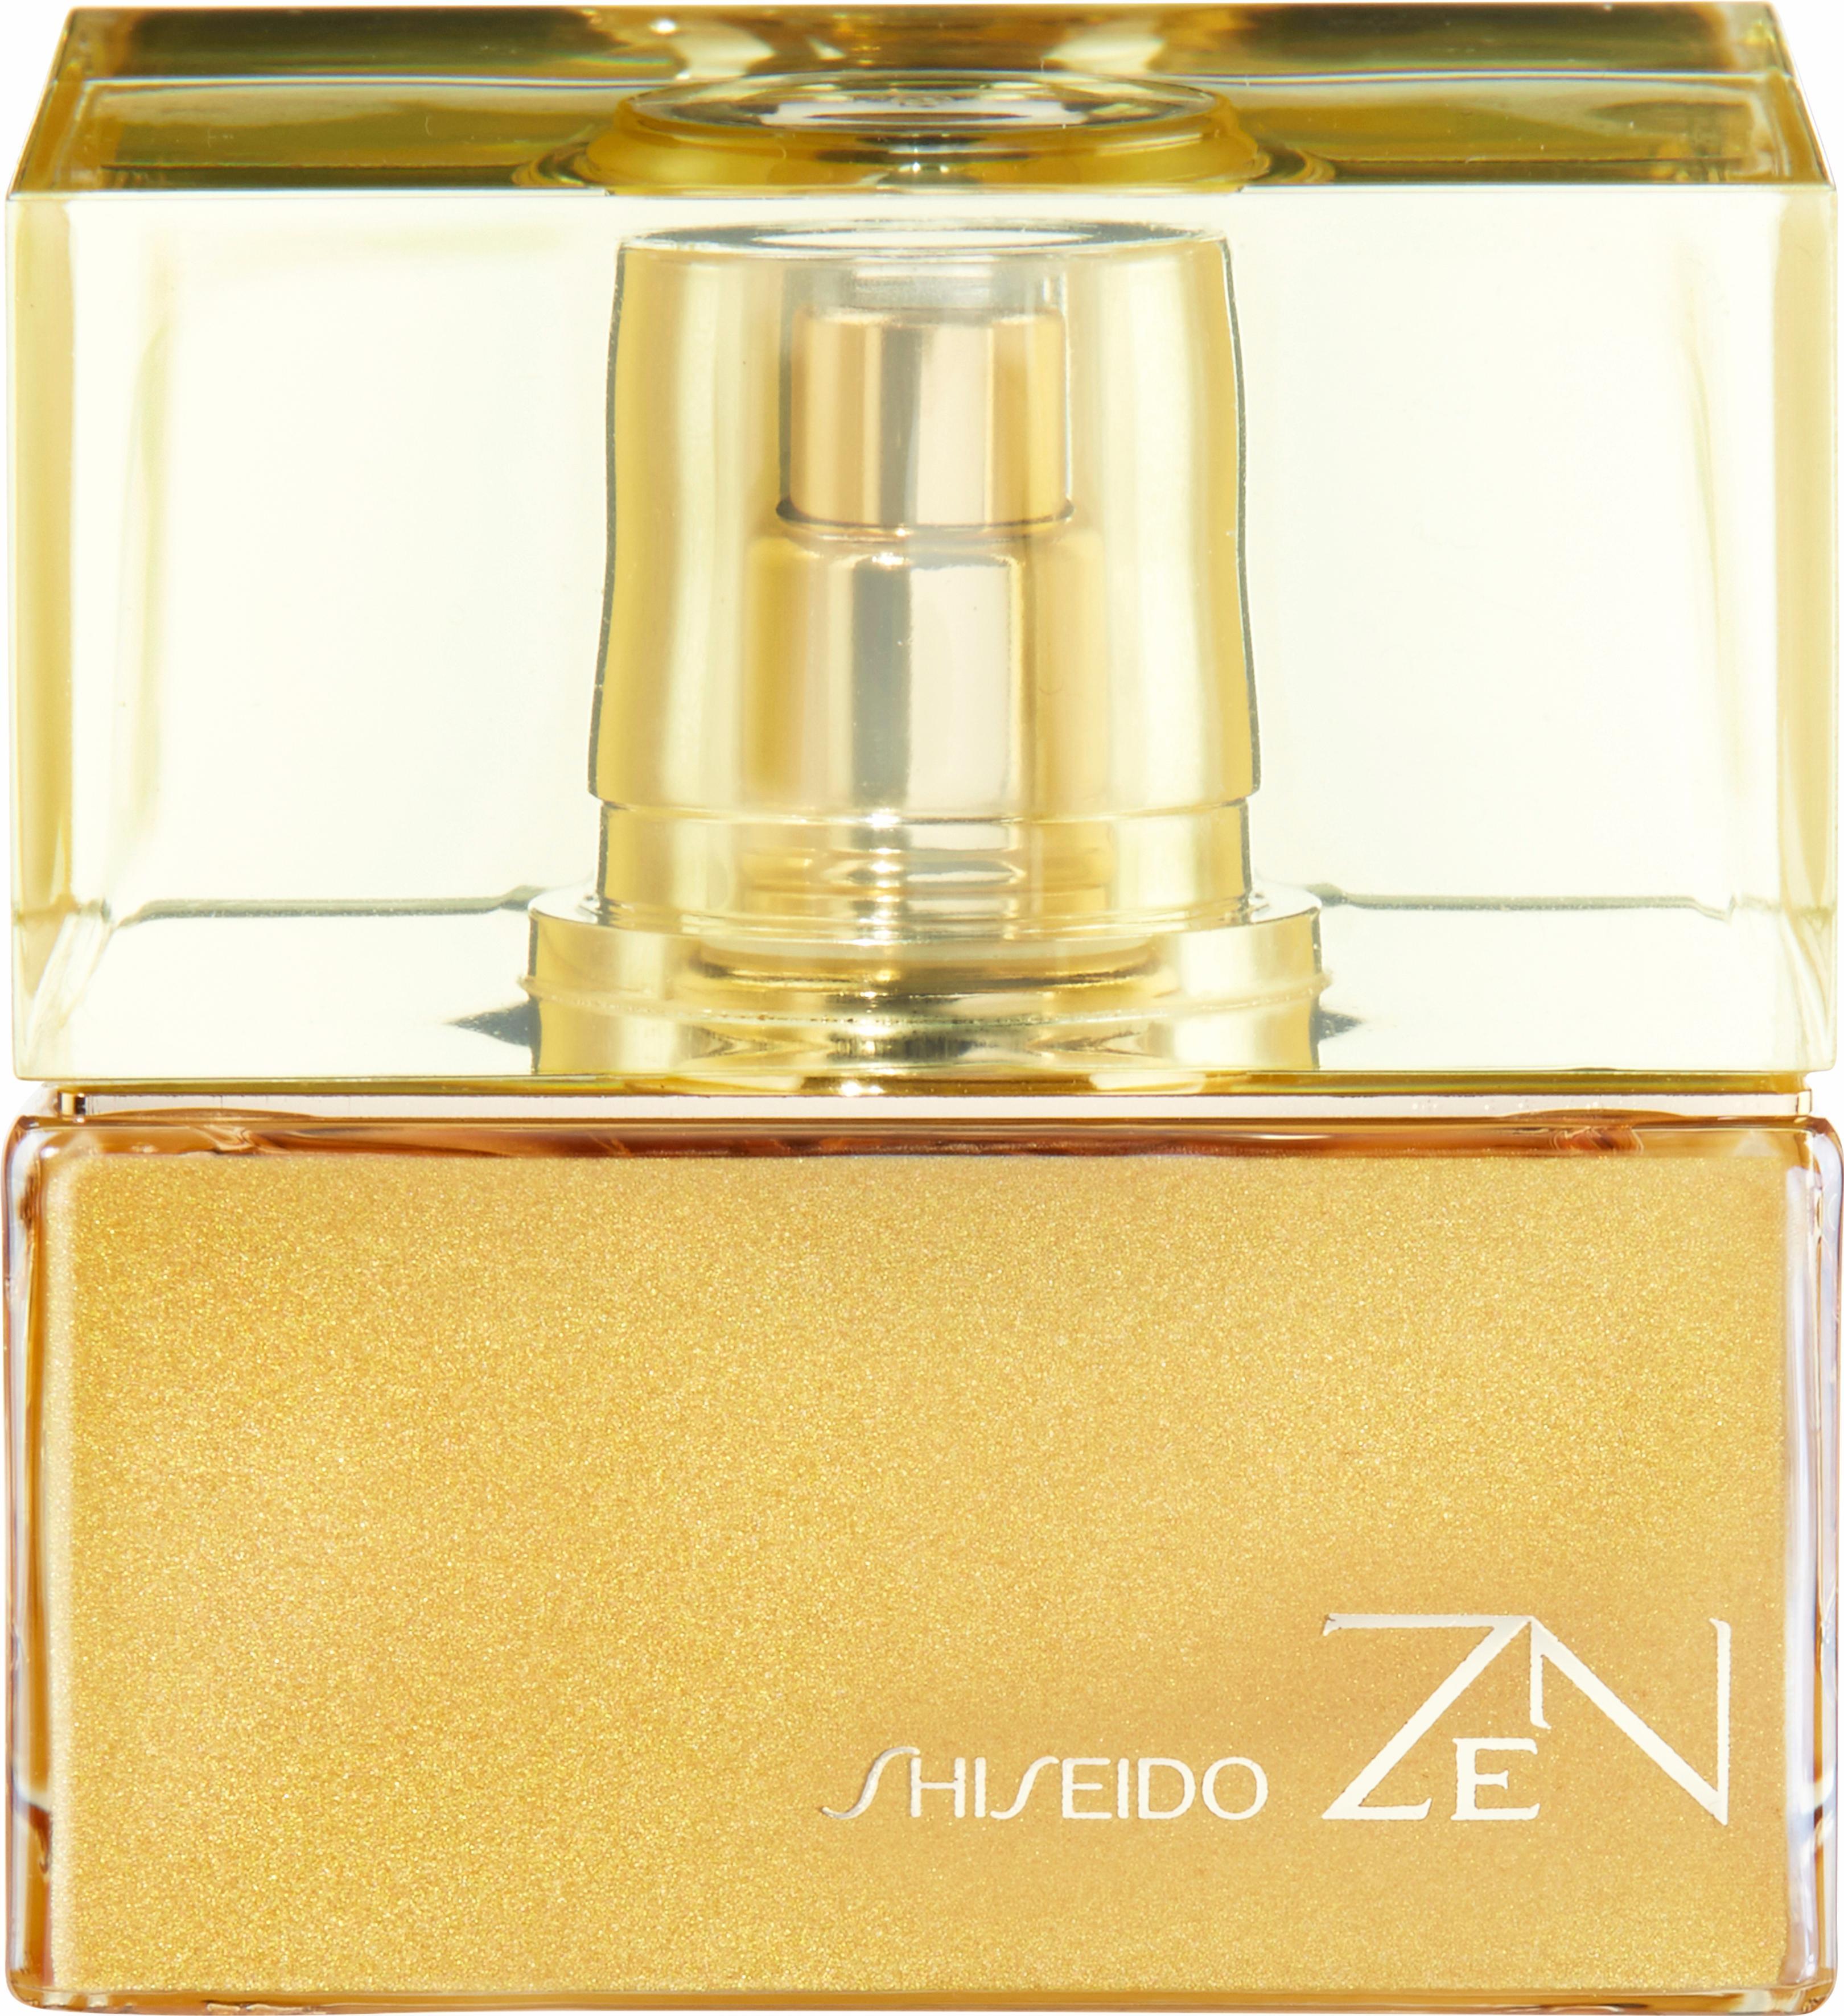 Eau de Parfum Shiseido Zen Preisvergleich